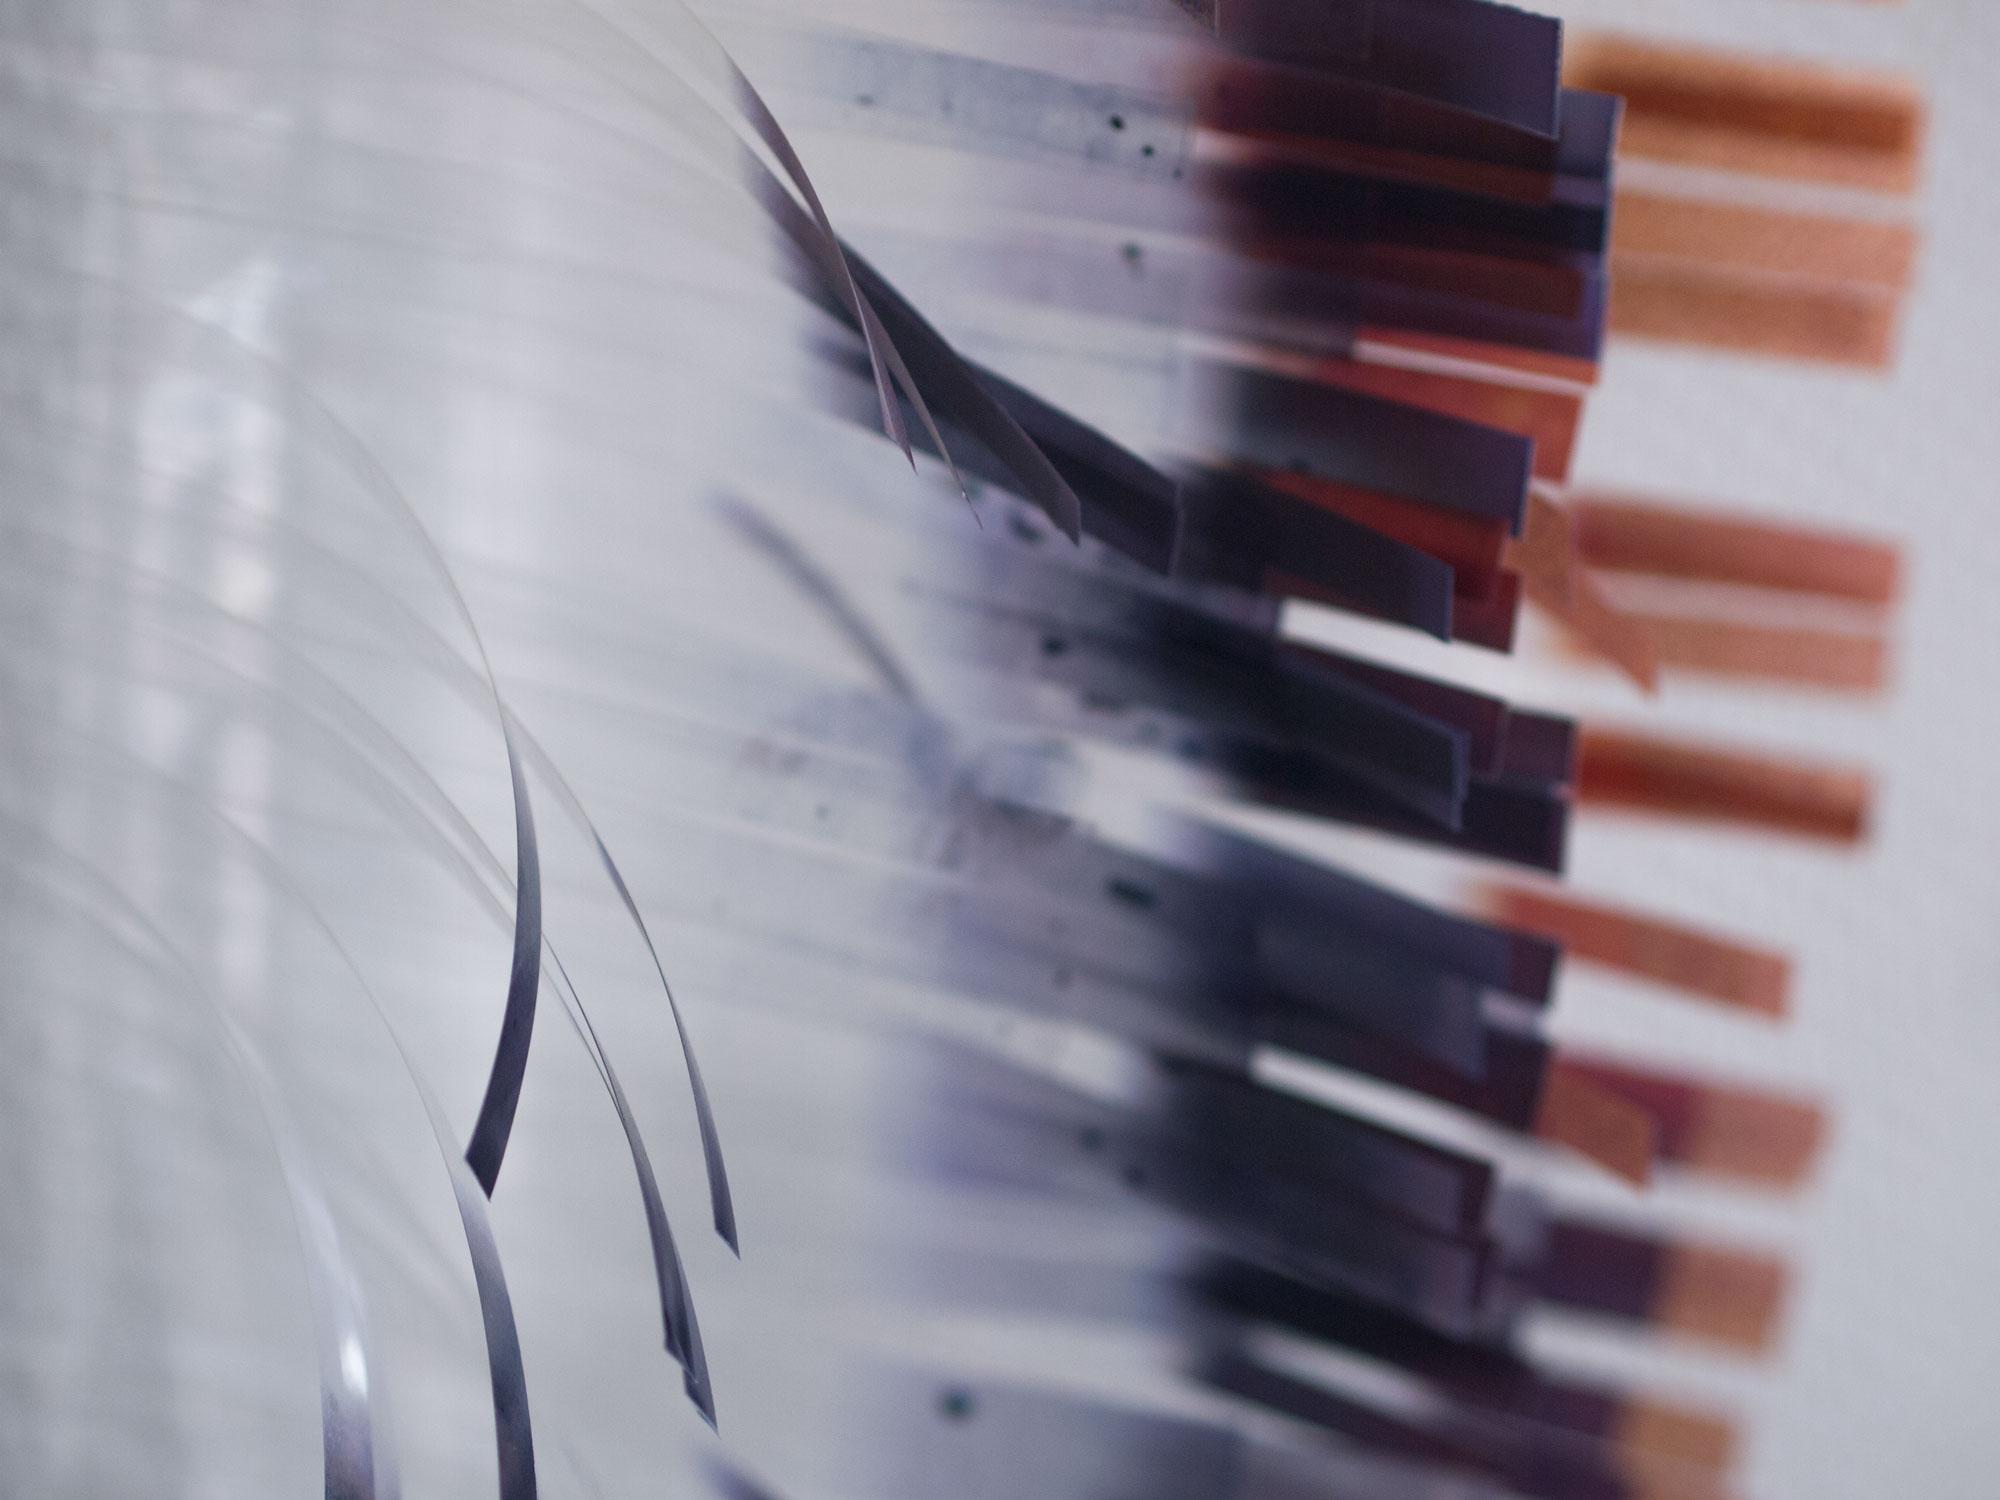 alexia roux, alexia, roux, alexiaroux, rouxrouxroux, graphiste, designer graphique, graphisme, édition, graphic design, graphic designer, béziers, montpellier, toulouse, dsaa, diplôme supérieur des arts appliqués, diplôme, lycée des arènes, olympiades des métiers, worldskills, focus, focus magazine, majestic, identité, identity, logo, mémoire, design graphique hyperosmique, odeur, odeur et graphisme, feu de bois, lamelles